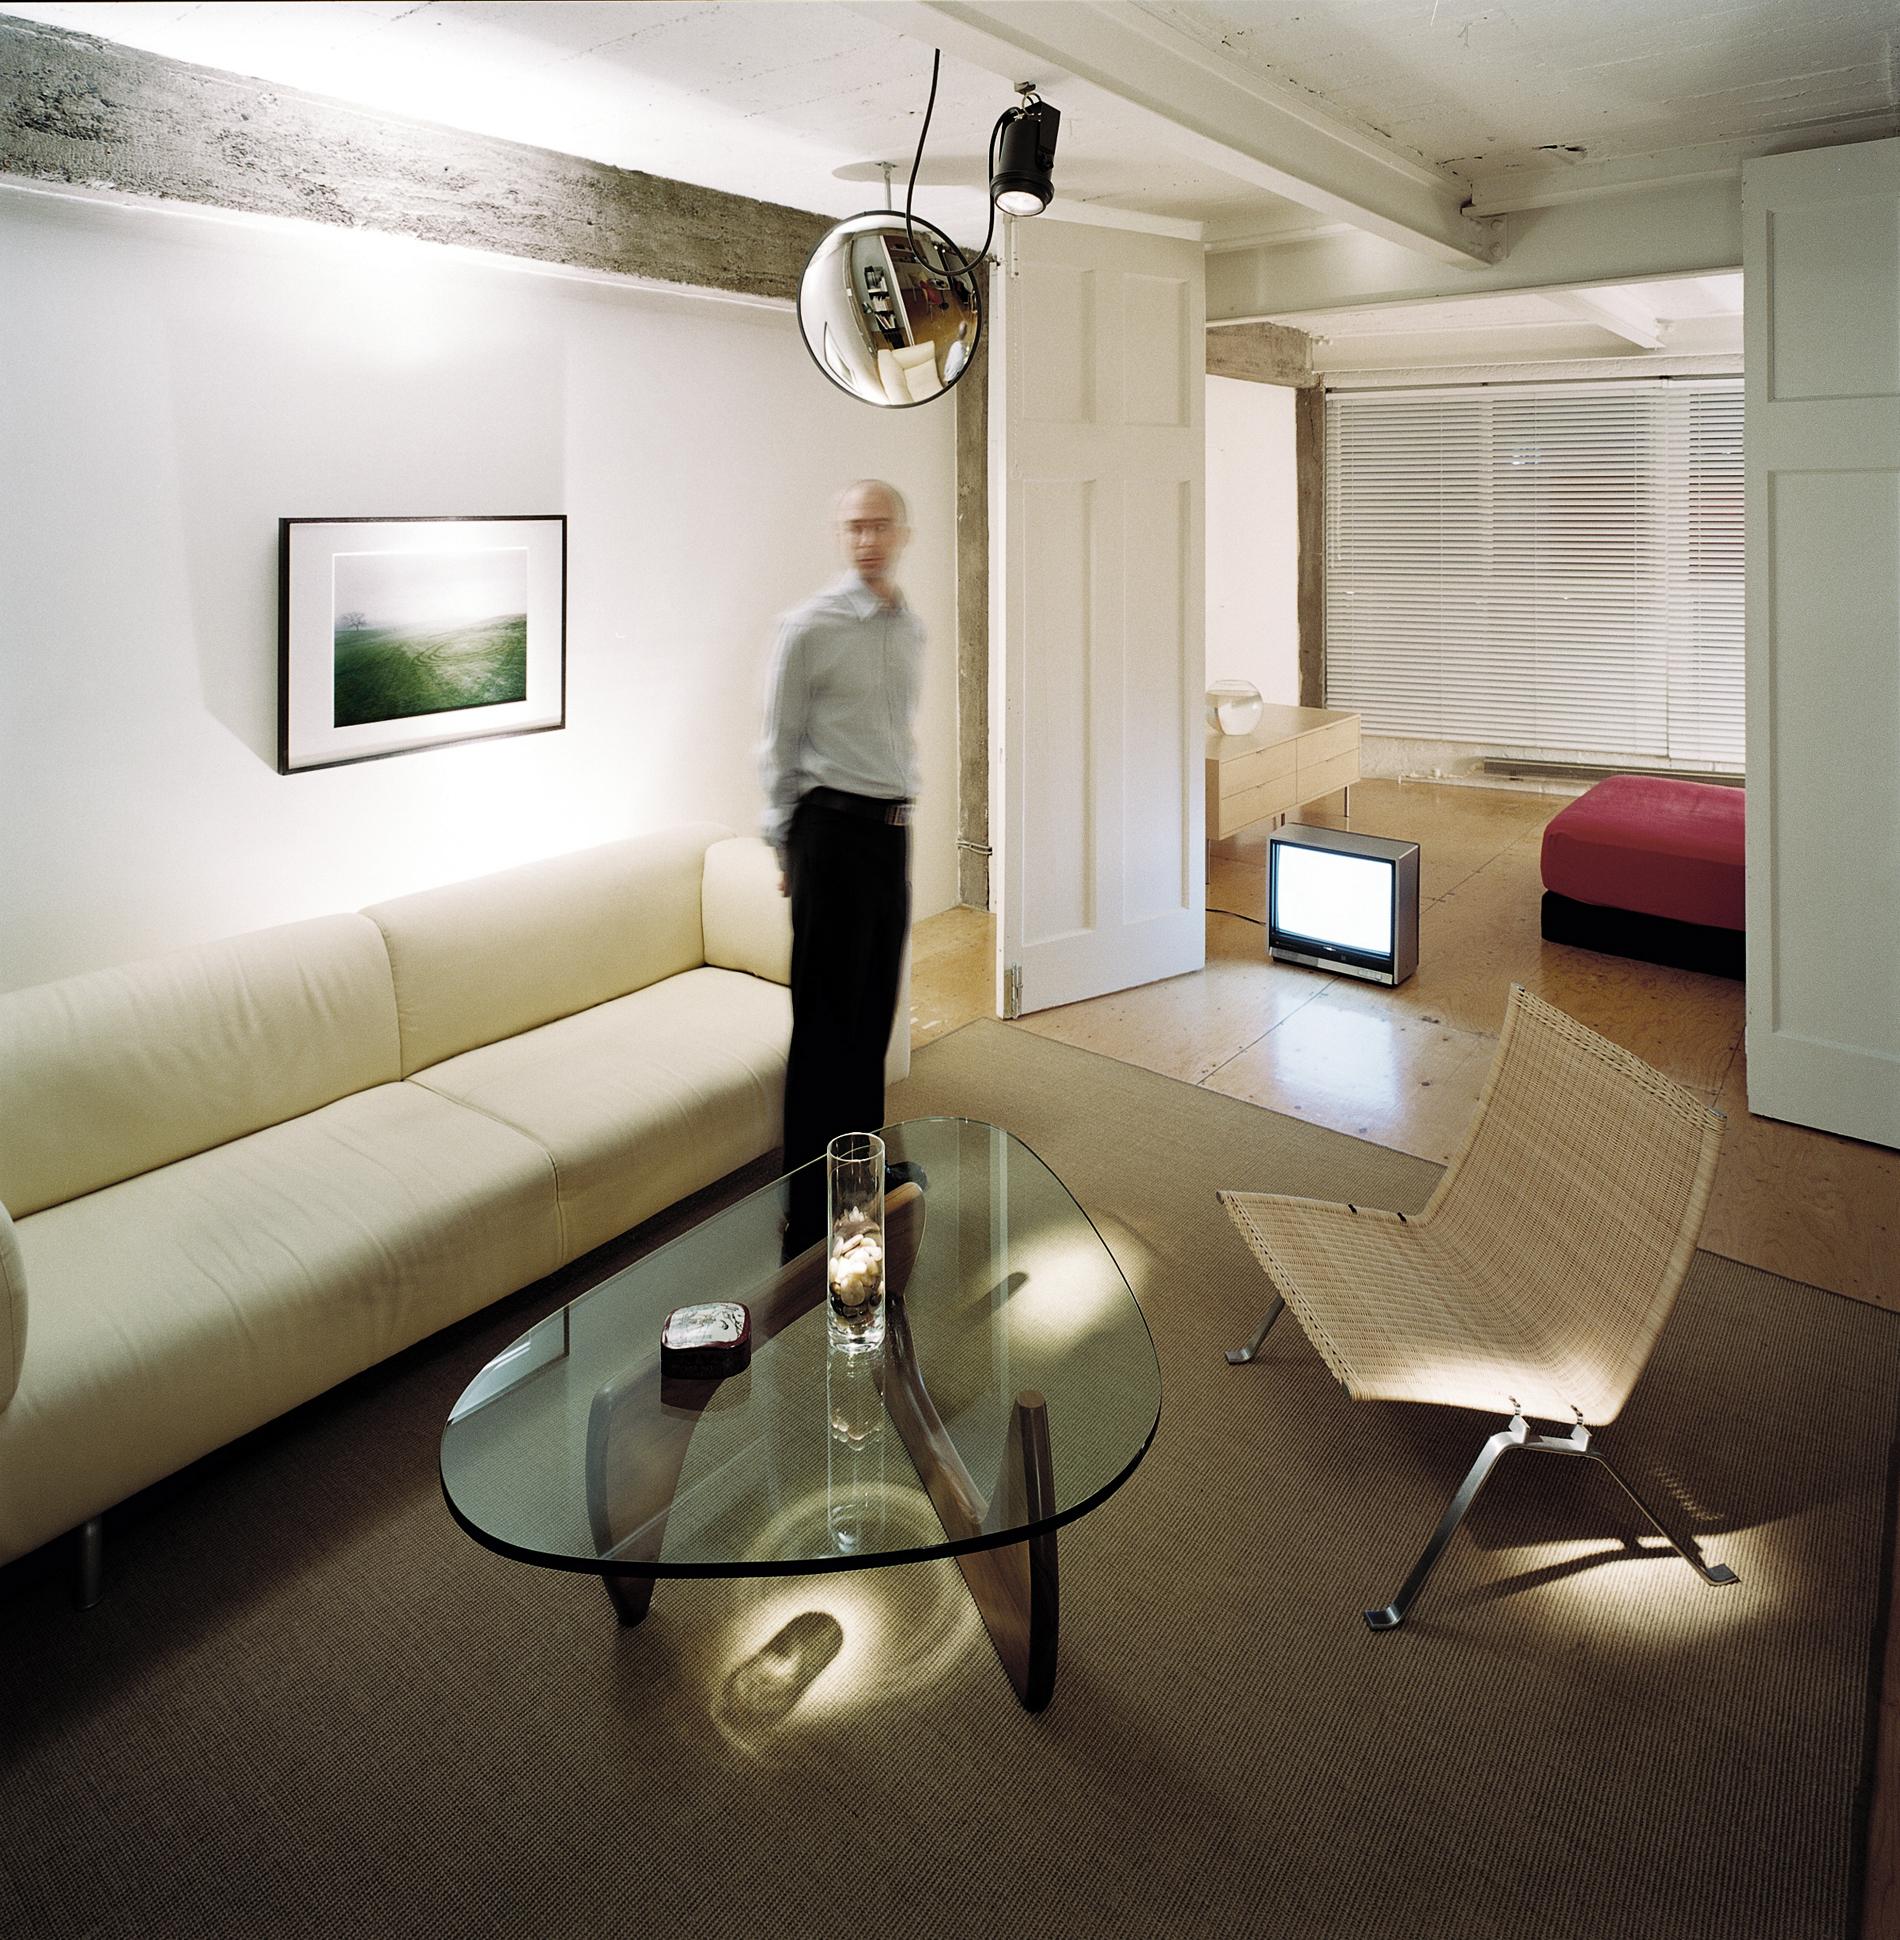 Vue du salon avec table Noguchi et chaise PK22 de Poul Kjærholm. Des projecteurs d'éclairage PAR 36 au plafond créent des points lumineux sur le plancher. Crédit photo © Marc Cramer